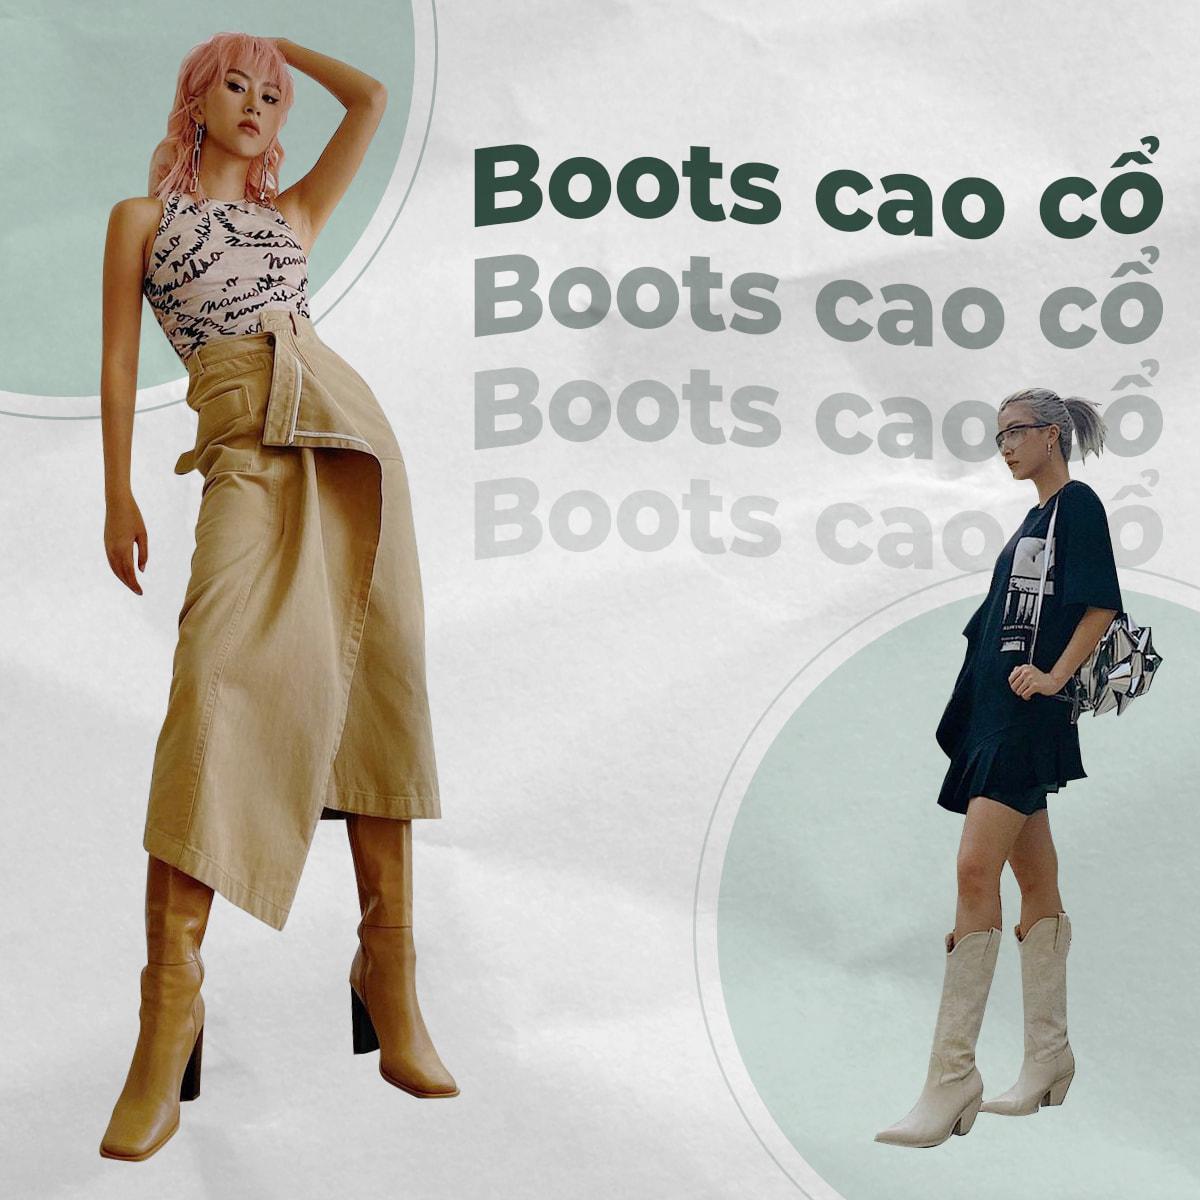 Quỳnh Anh Shyn gợi ý lên đồ sang chảnh, thời thượng với boots khi chớm thu